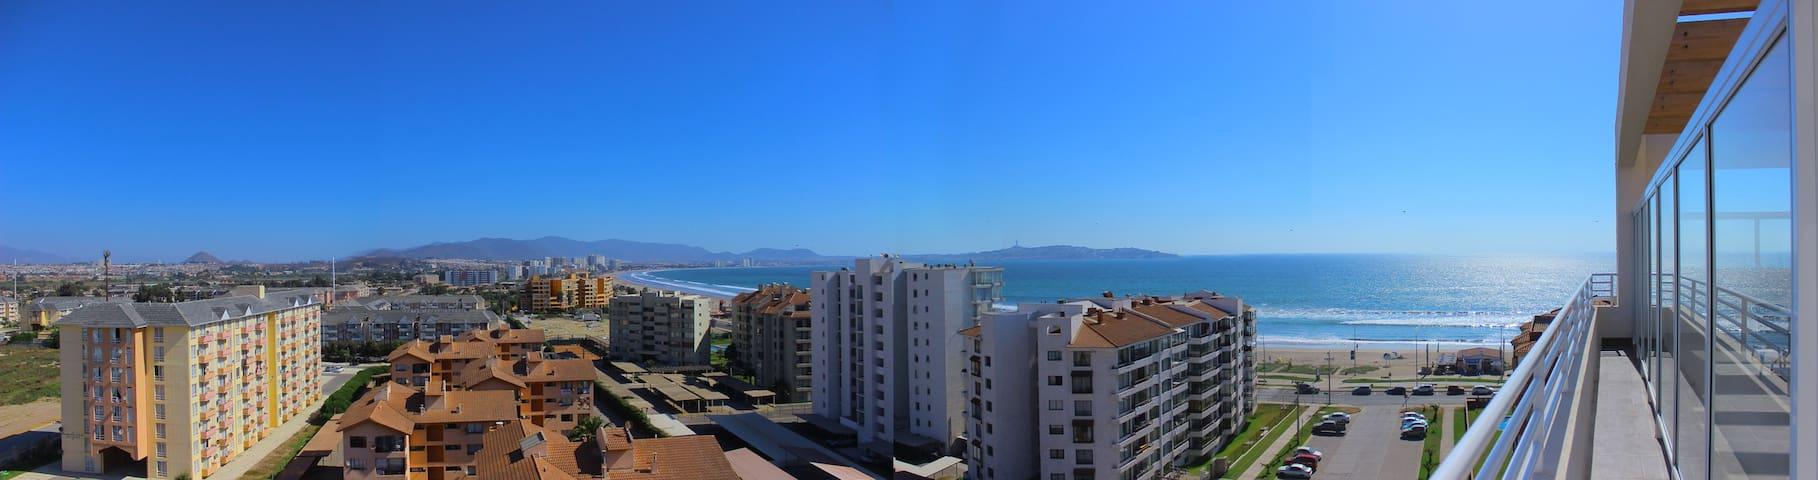 vista desde la terraza panorámica.